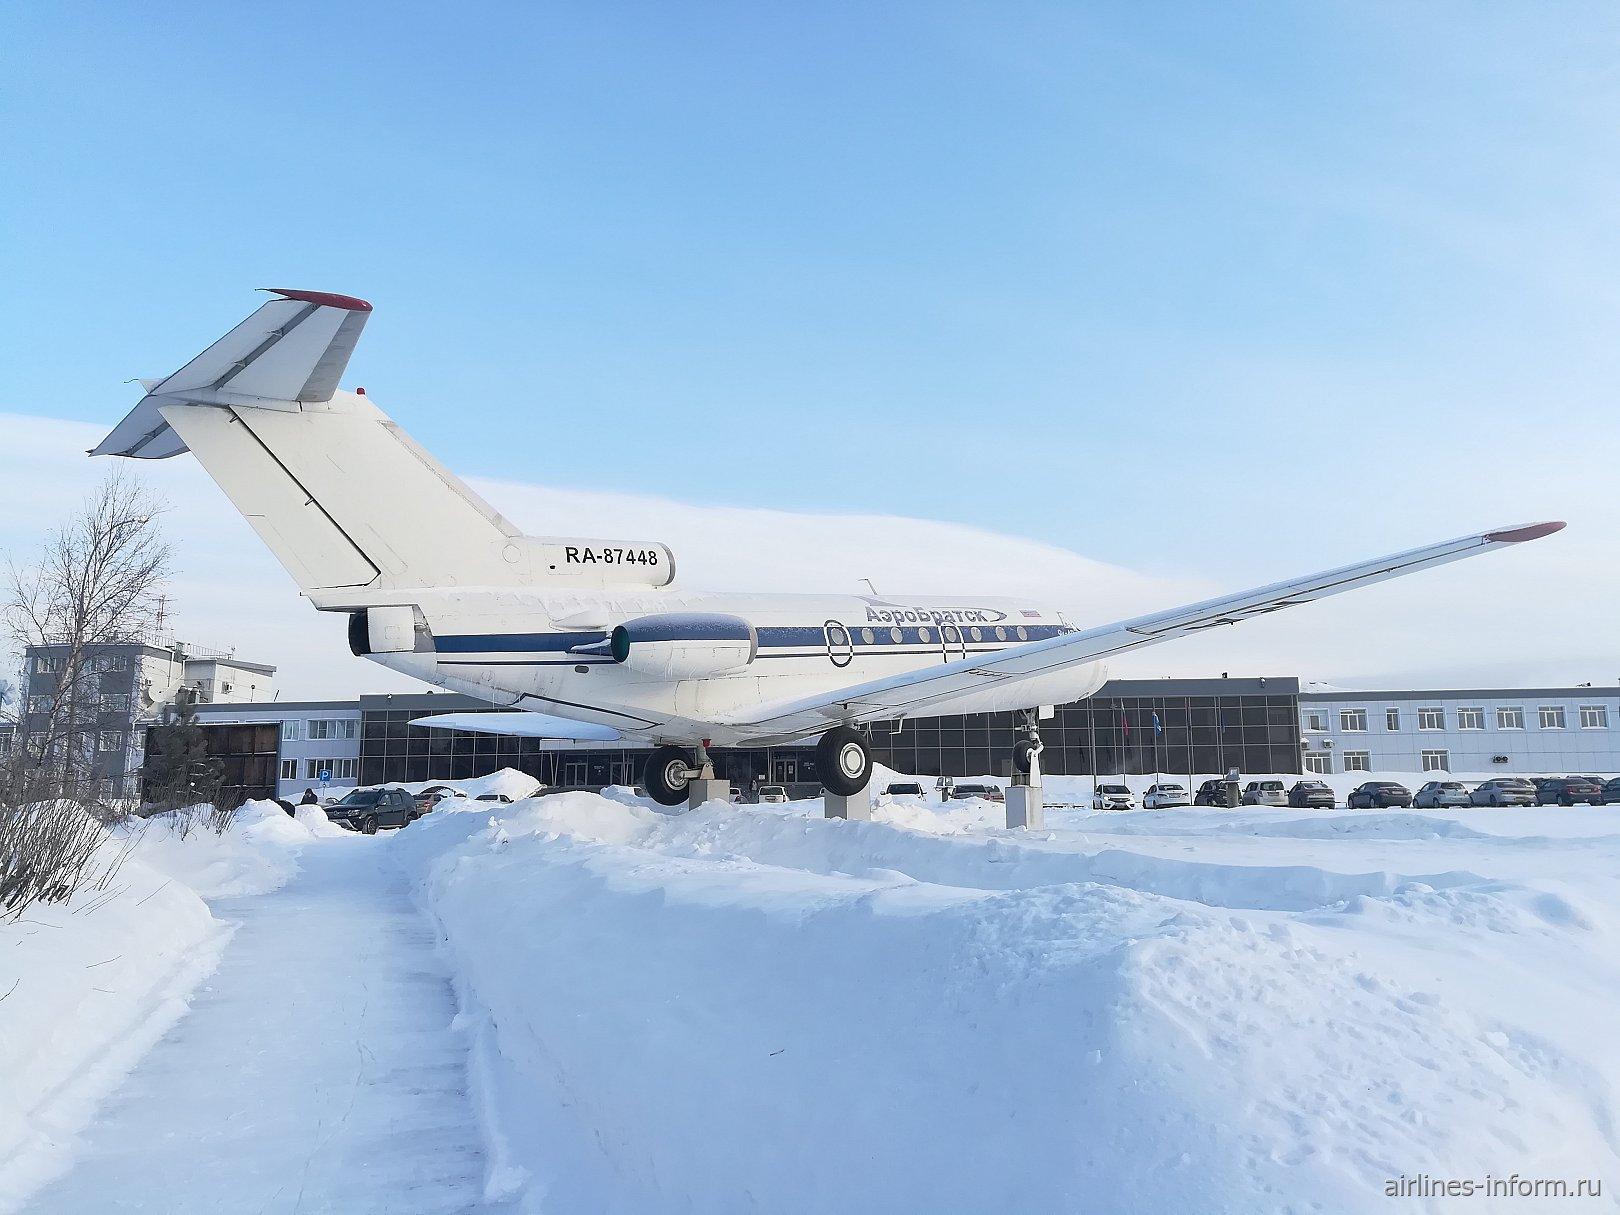 Самолет-памятник Як-40 в аэропорту Братск